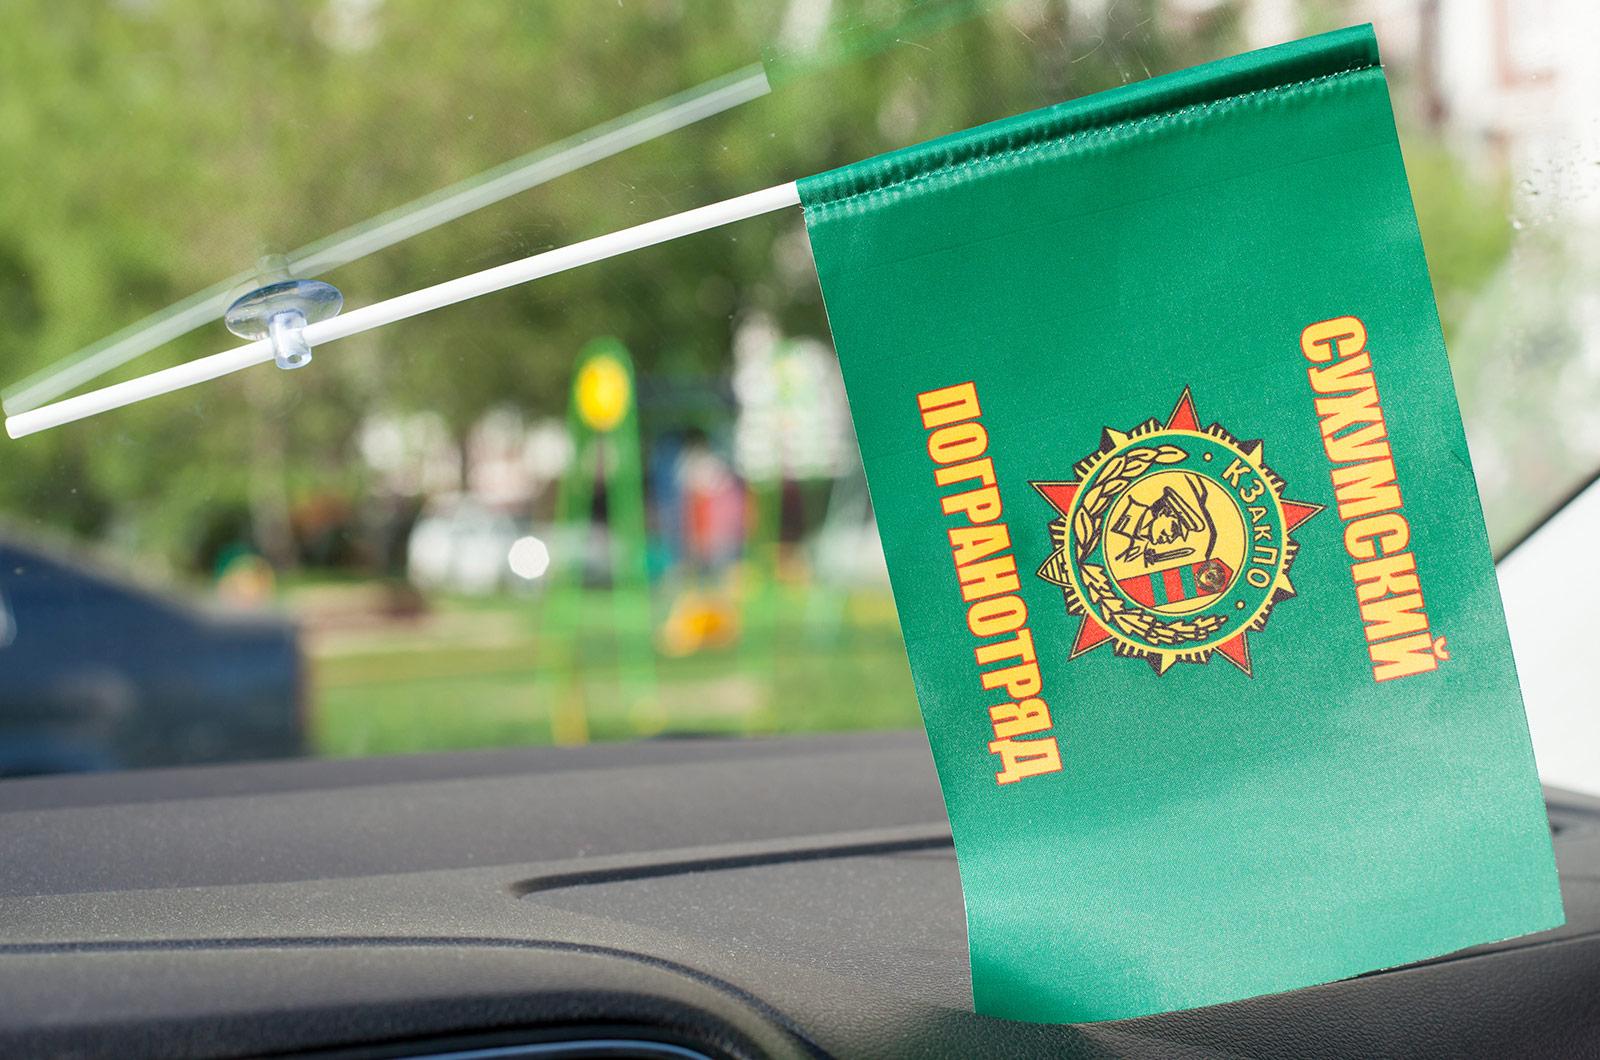 Флажок в машину «Сухумский пограничный отряд»